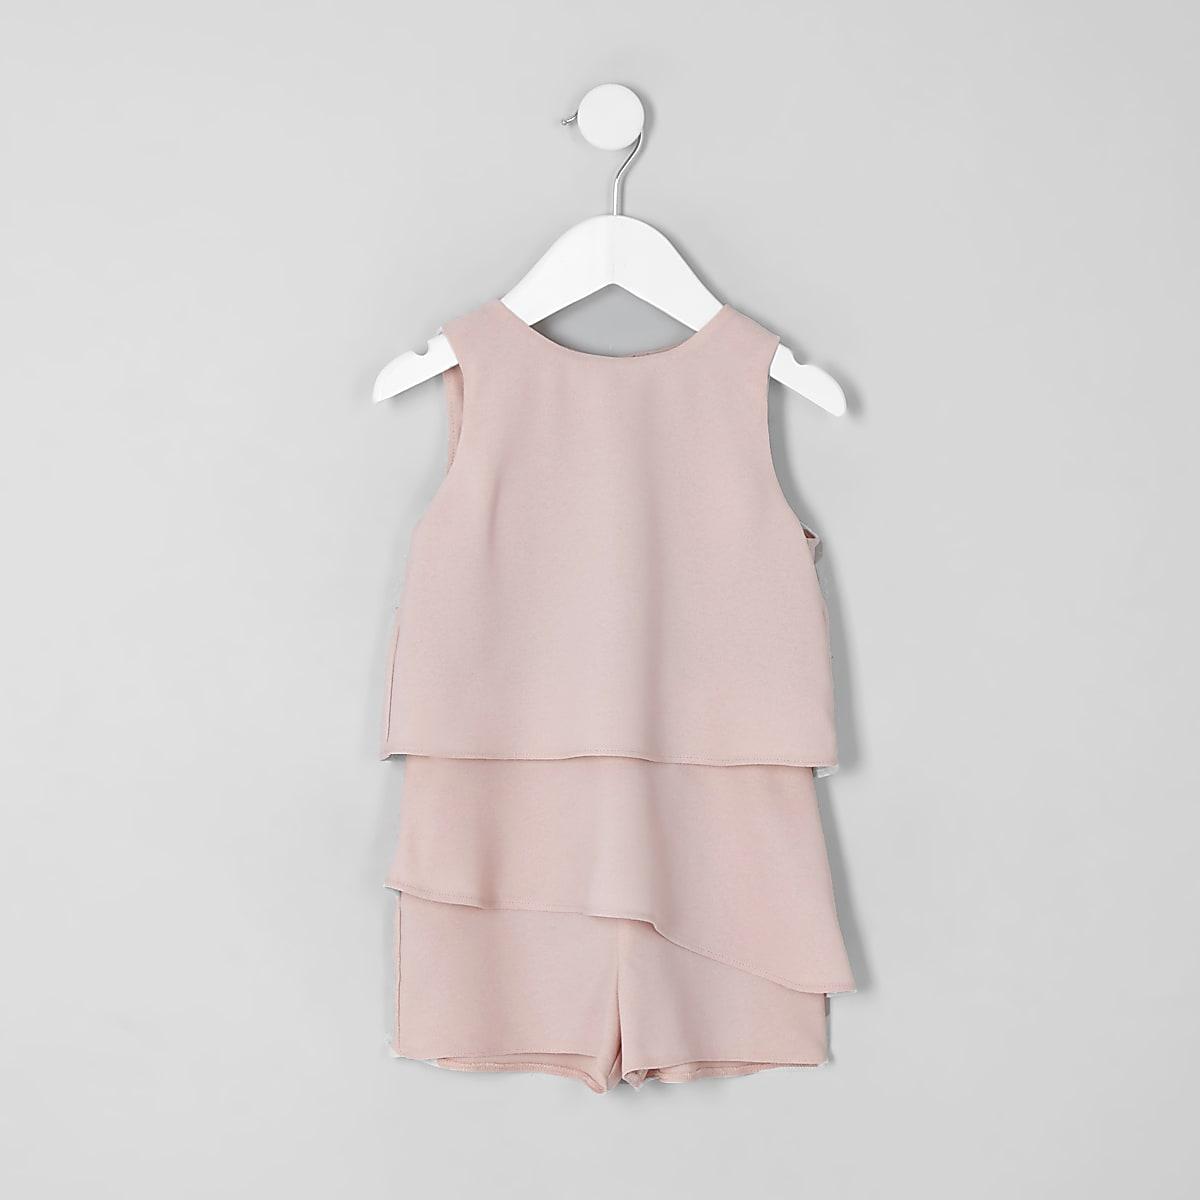 Mini - Roze playsuit met skort en ruches voor meisjes